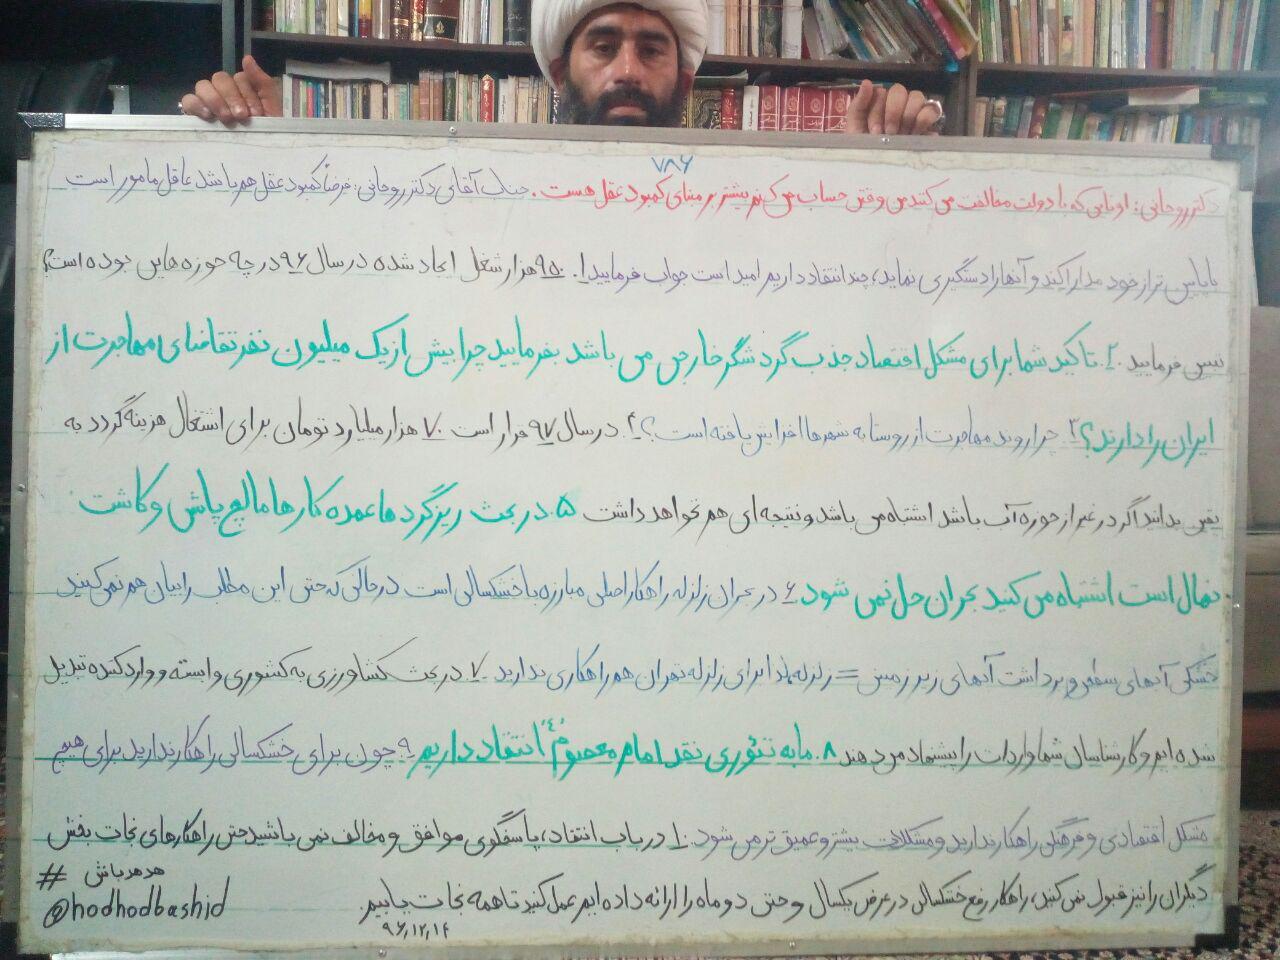 پیام به جناب دکتر حسن روحانی رئیس جمهور جمهوری اسلامی ایران - منتقدین کم عقل هستند